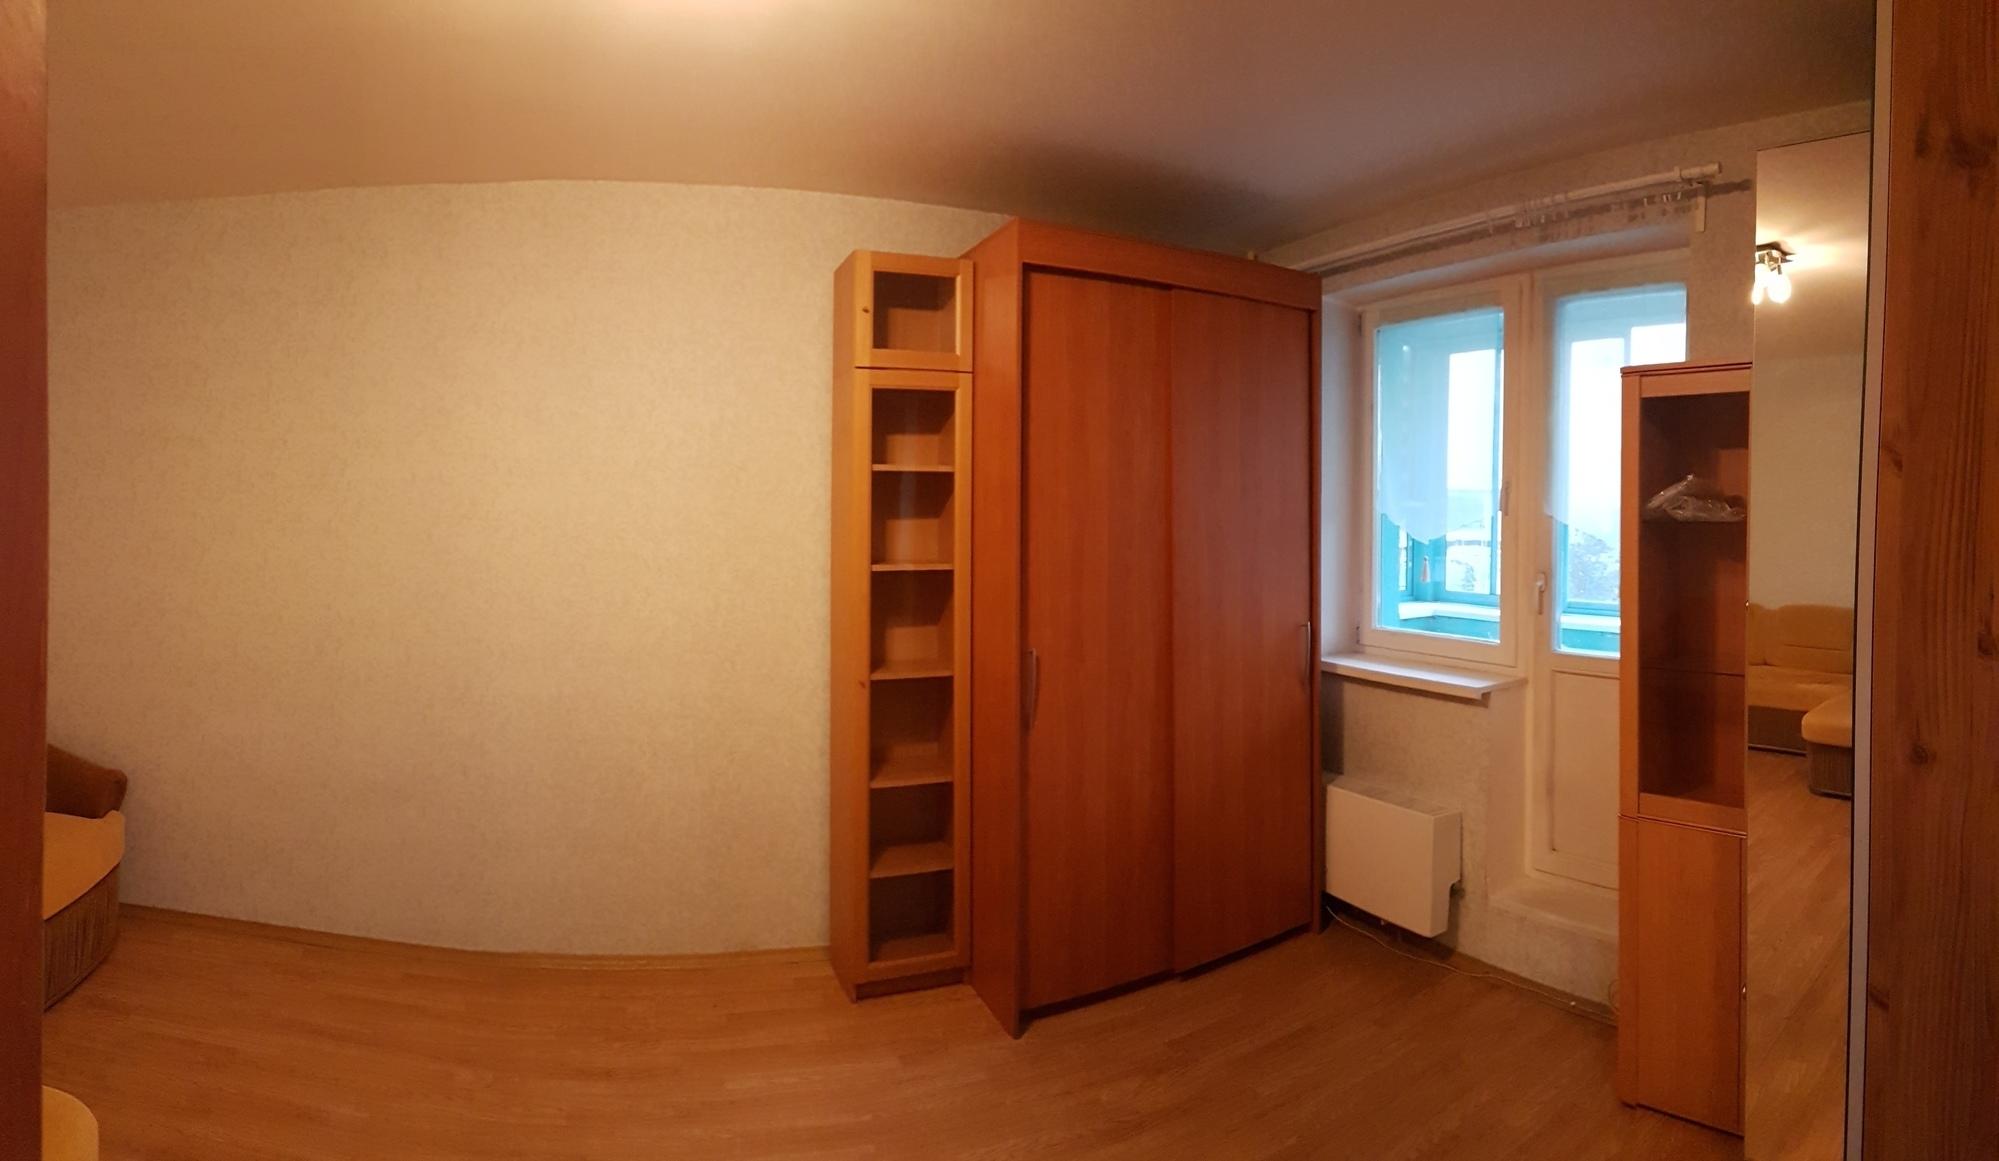 Москва, 1-но комнатная квартира, ул. Ясногорская д.21 к3, 7.